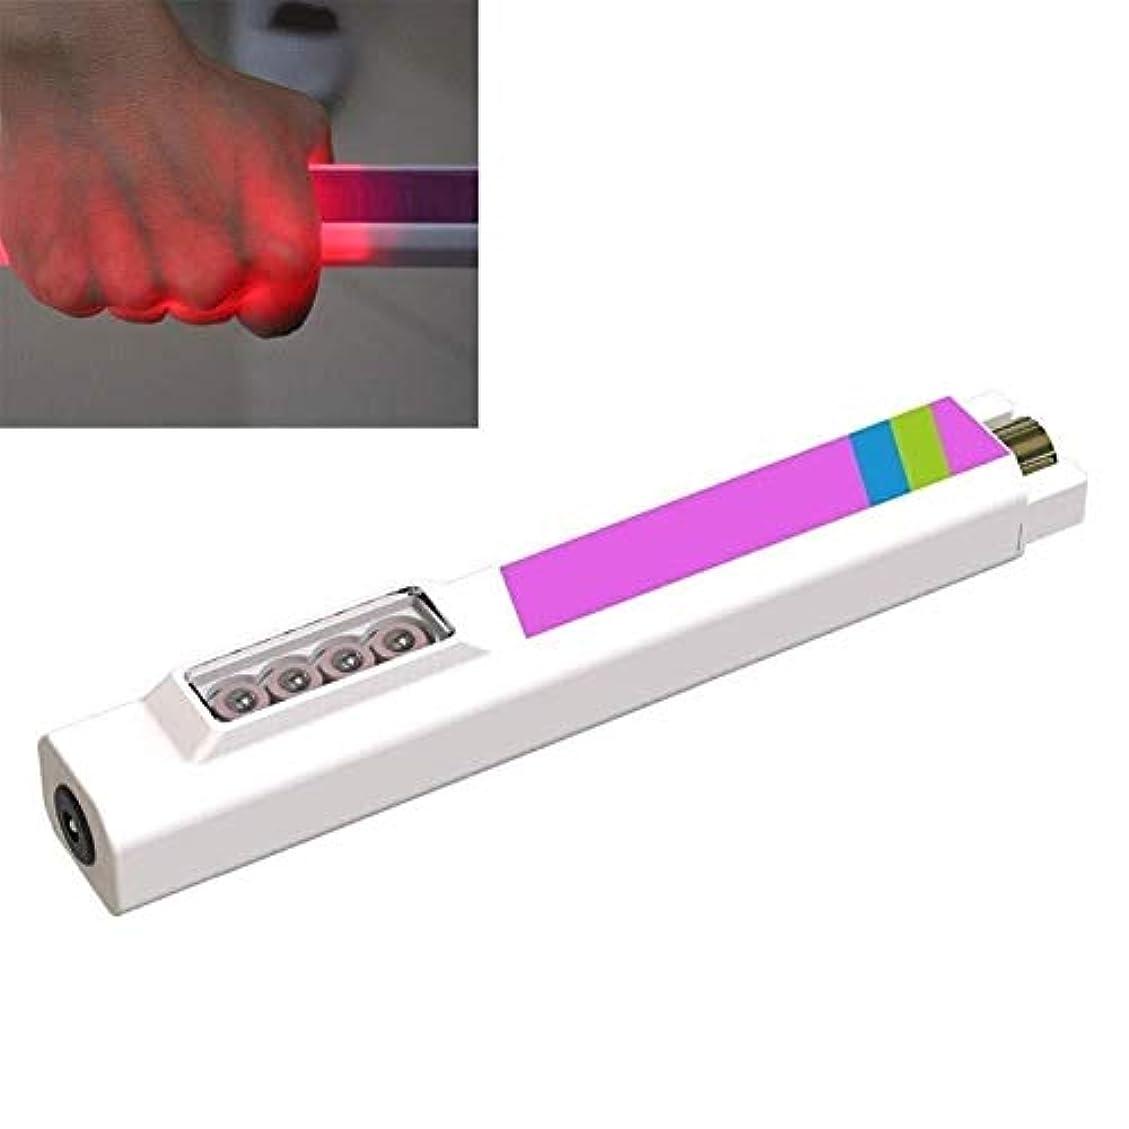 からかう合計ムス赤外線静脈ファインダービューアーポータブル医療赤外線静脈ロケーター照明可視光検出器看護師医師の血液採取